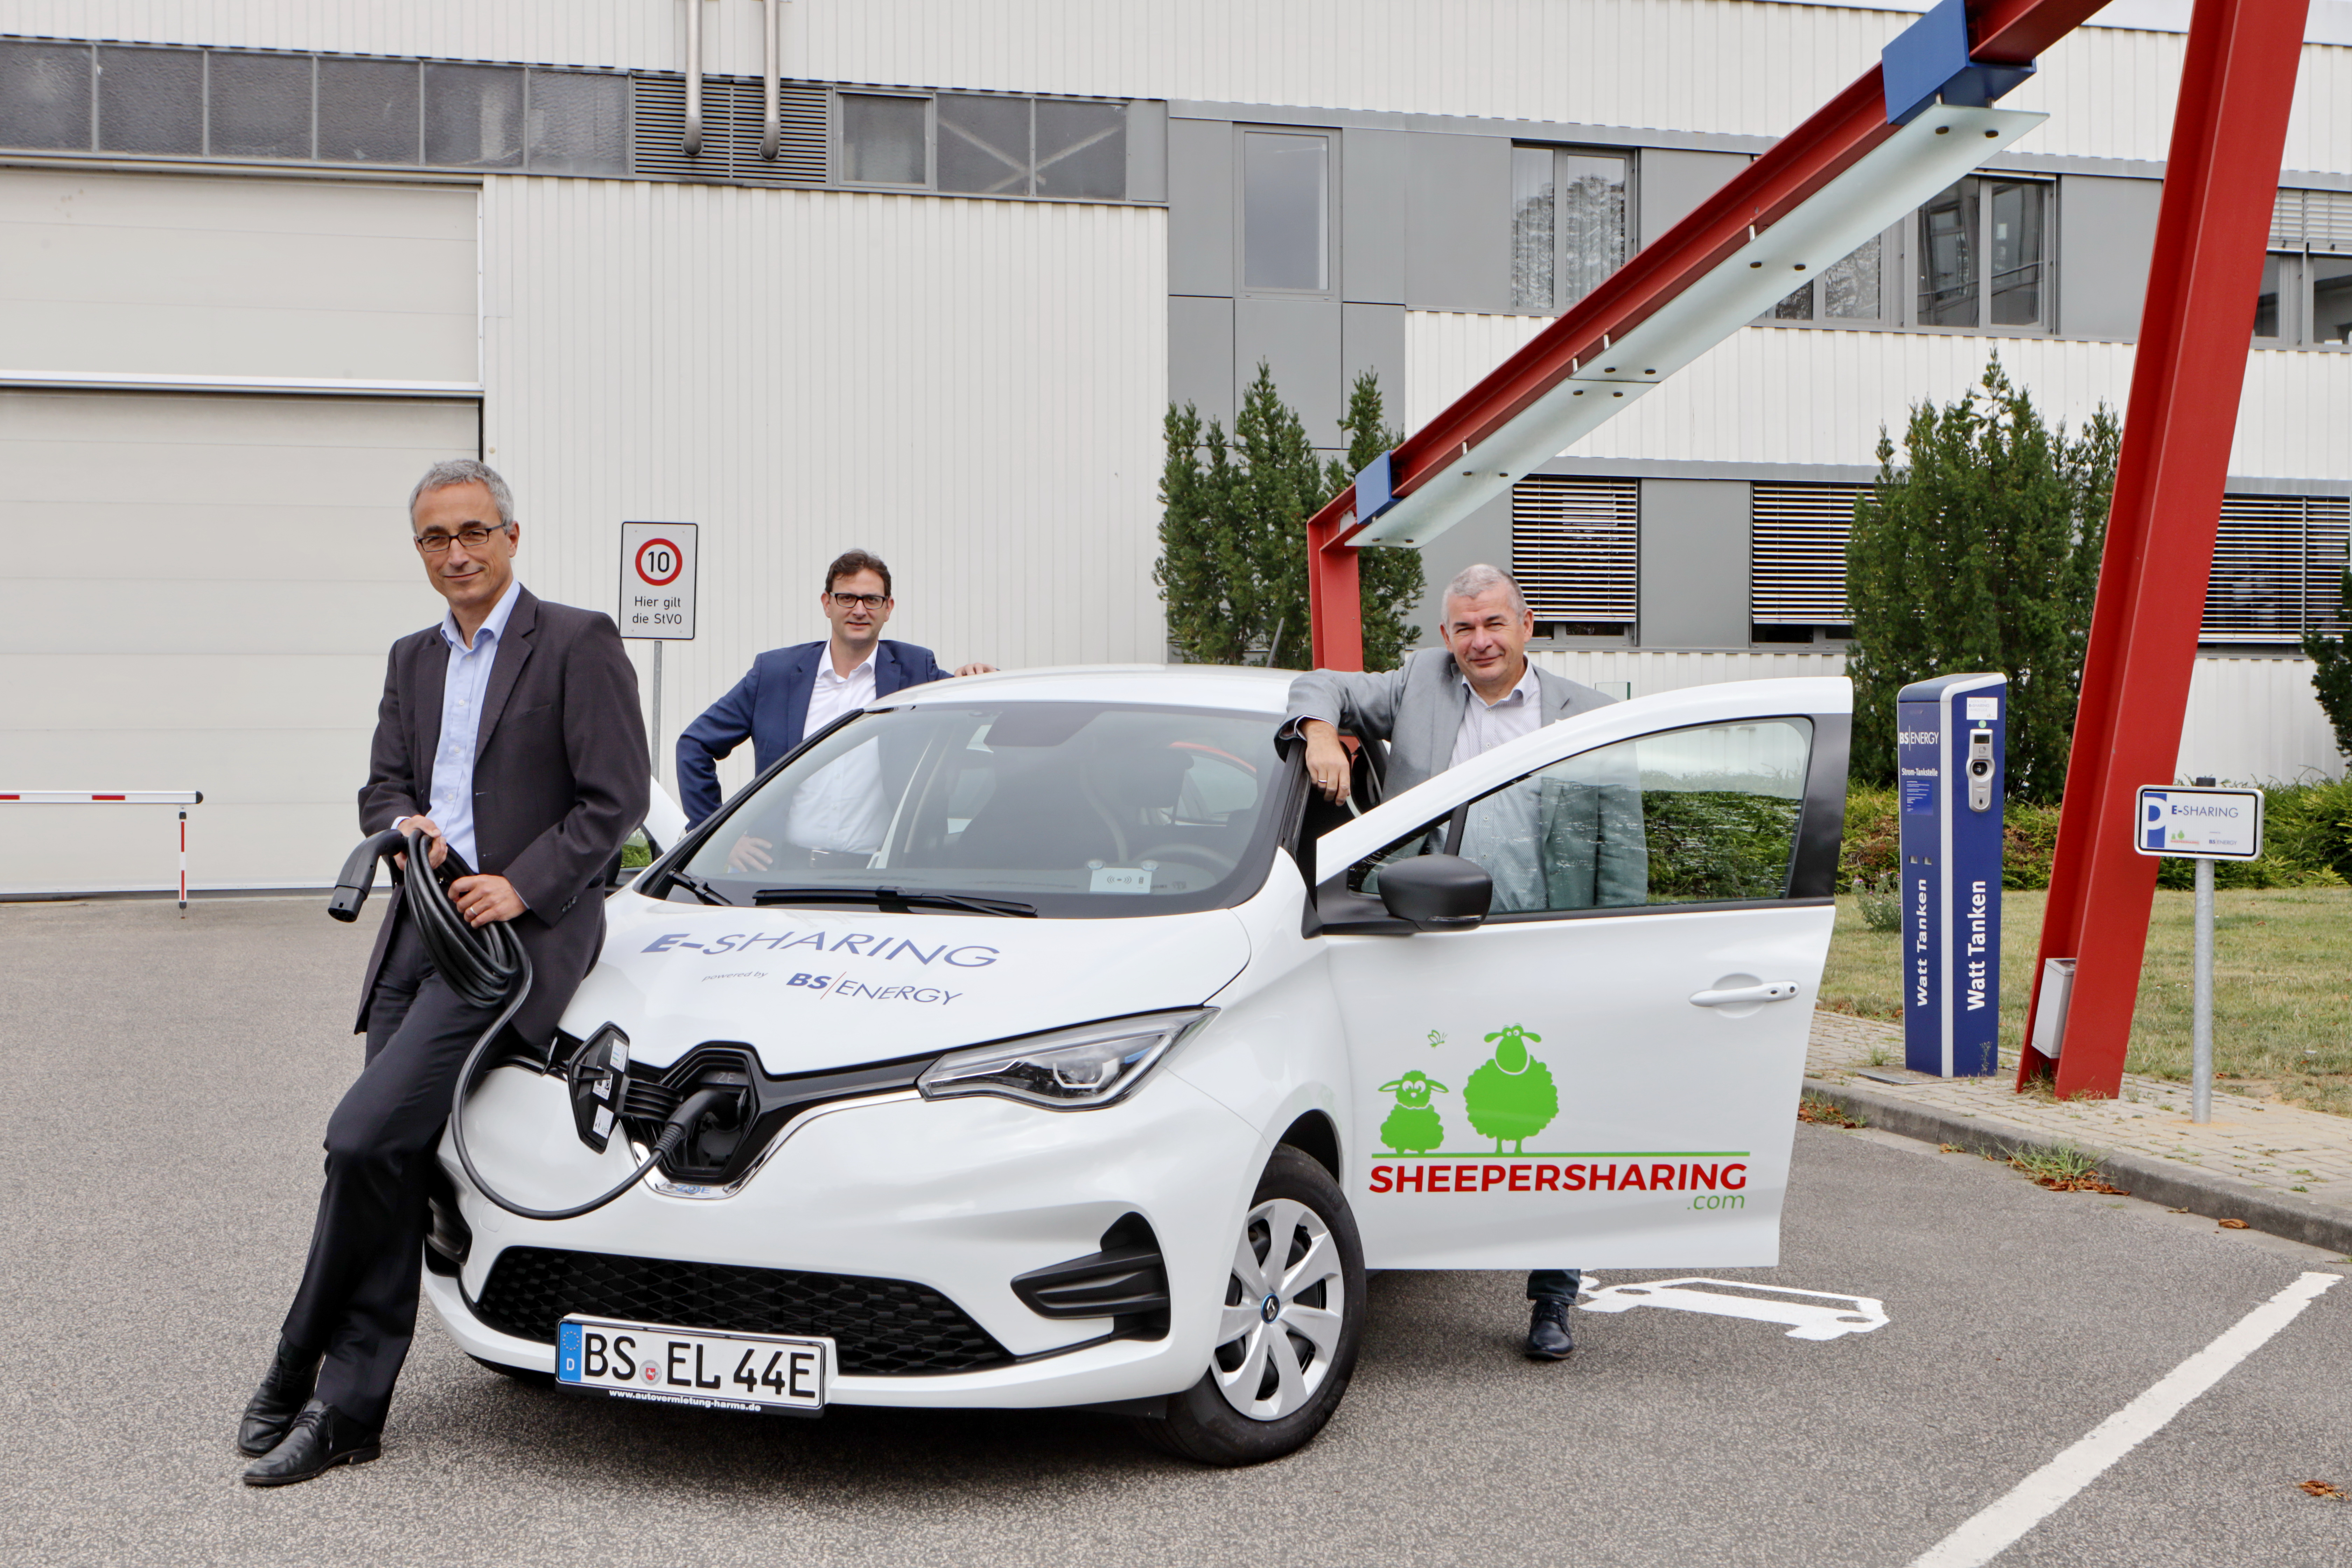 E-Carsharing jetzt mit BS|ENERGY – zum Start gibt es 20 € Fahrtguthaben